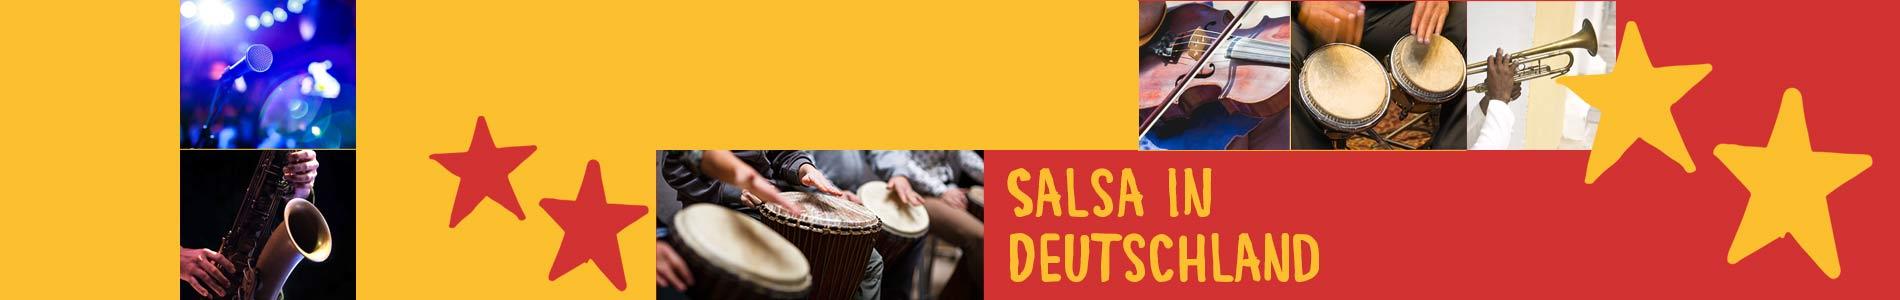 Salsa in Börnsen – Salsa lernen und tanzen, Tanzkurse, Partys, Veranstaltungen